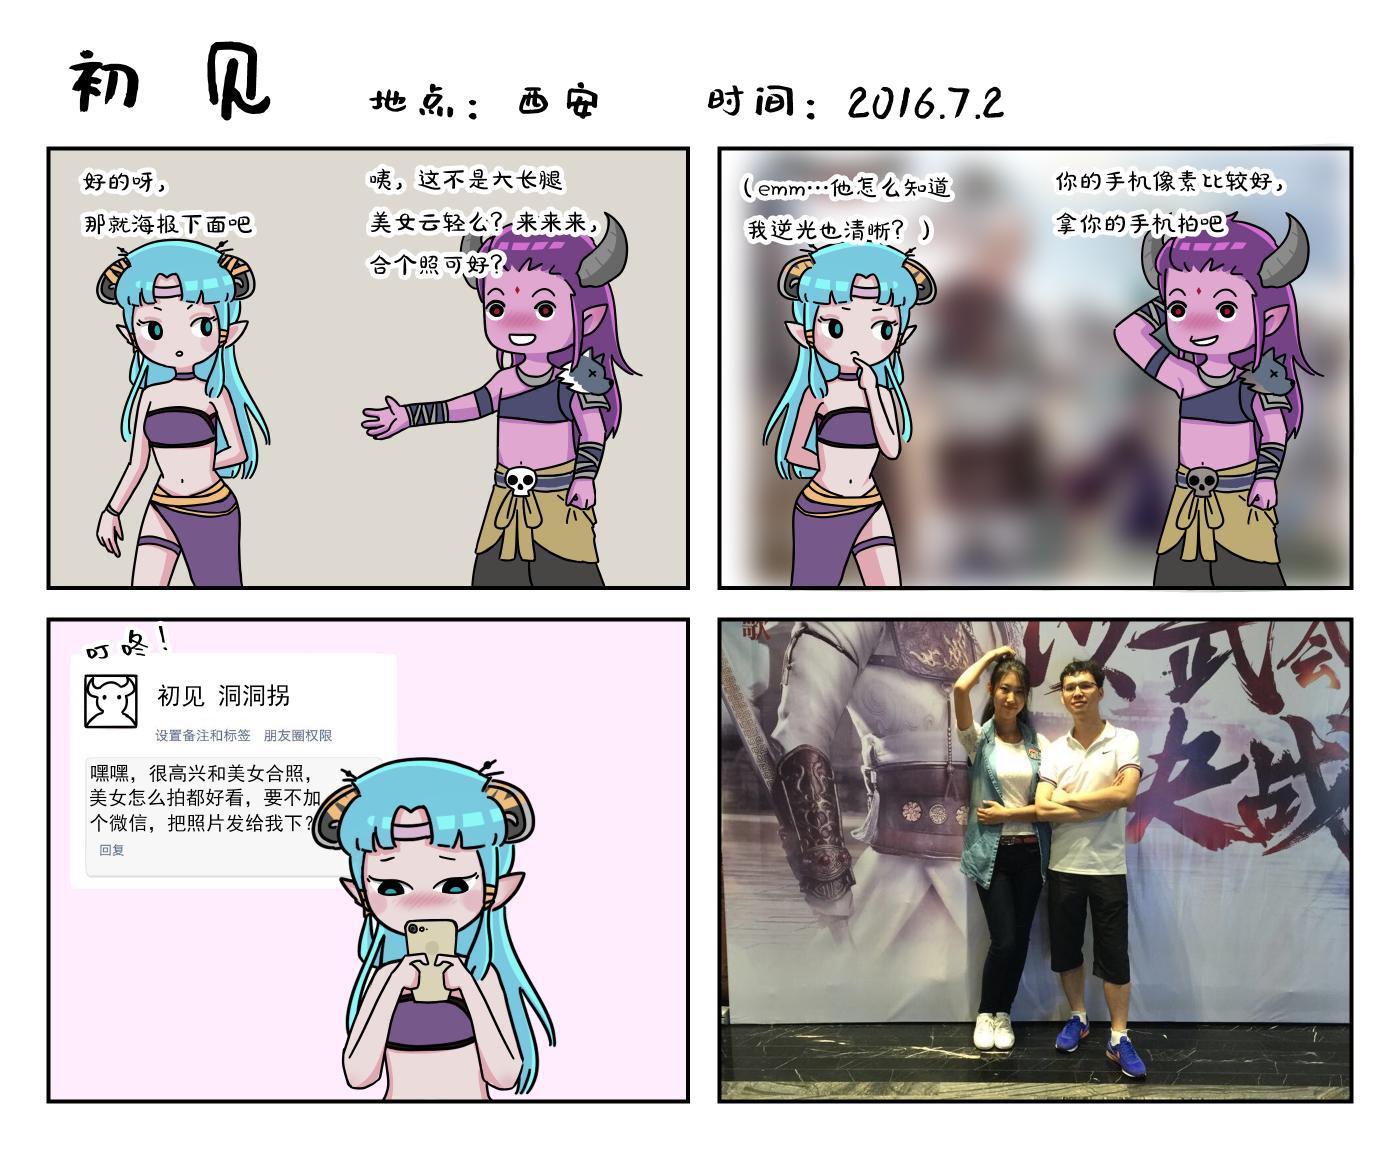 【制图组出品】【三金】吃到了拐家的甜蜜狗粮 (5p)